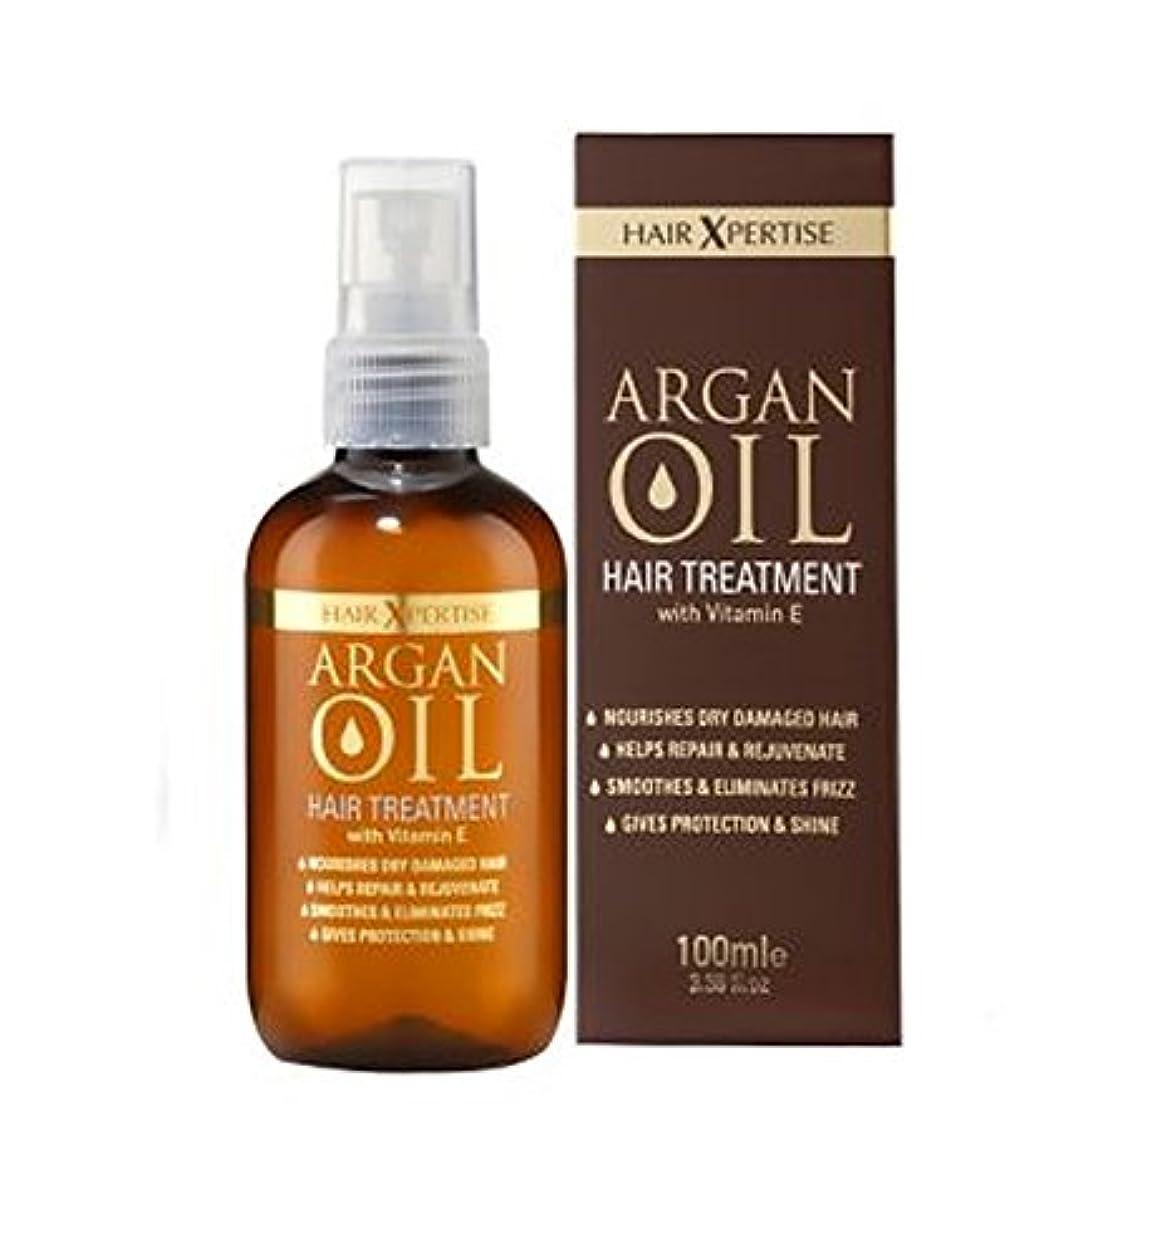 インフルエンザ電子レンジ軍アルガンオイルヘアトリートメント100ミリリットル (Argan Oil) (x2) - Argan Oil Hair Treatment 100ml (Pack of 2) [並行輸入品]